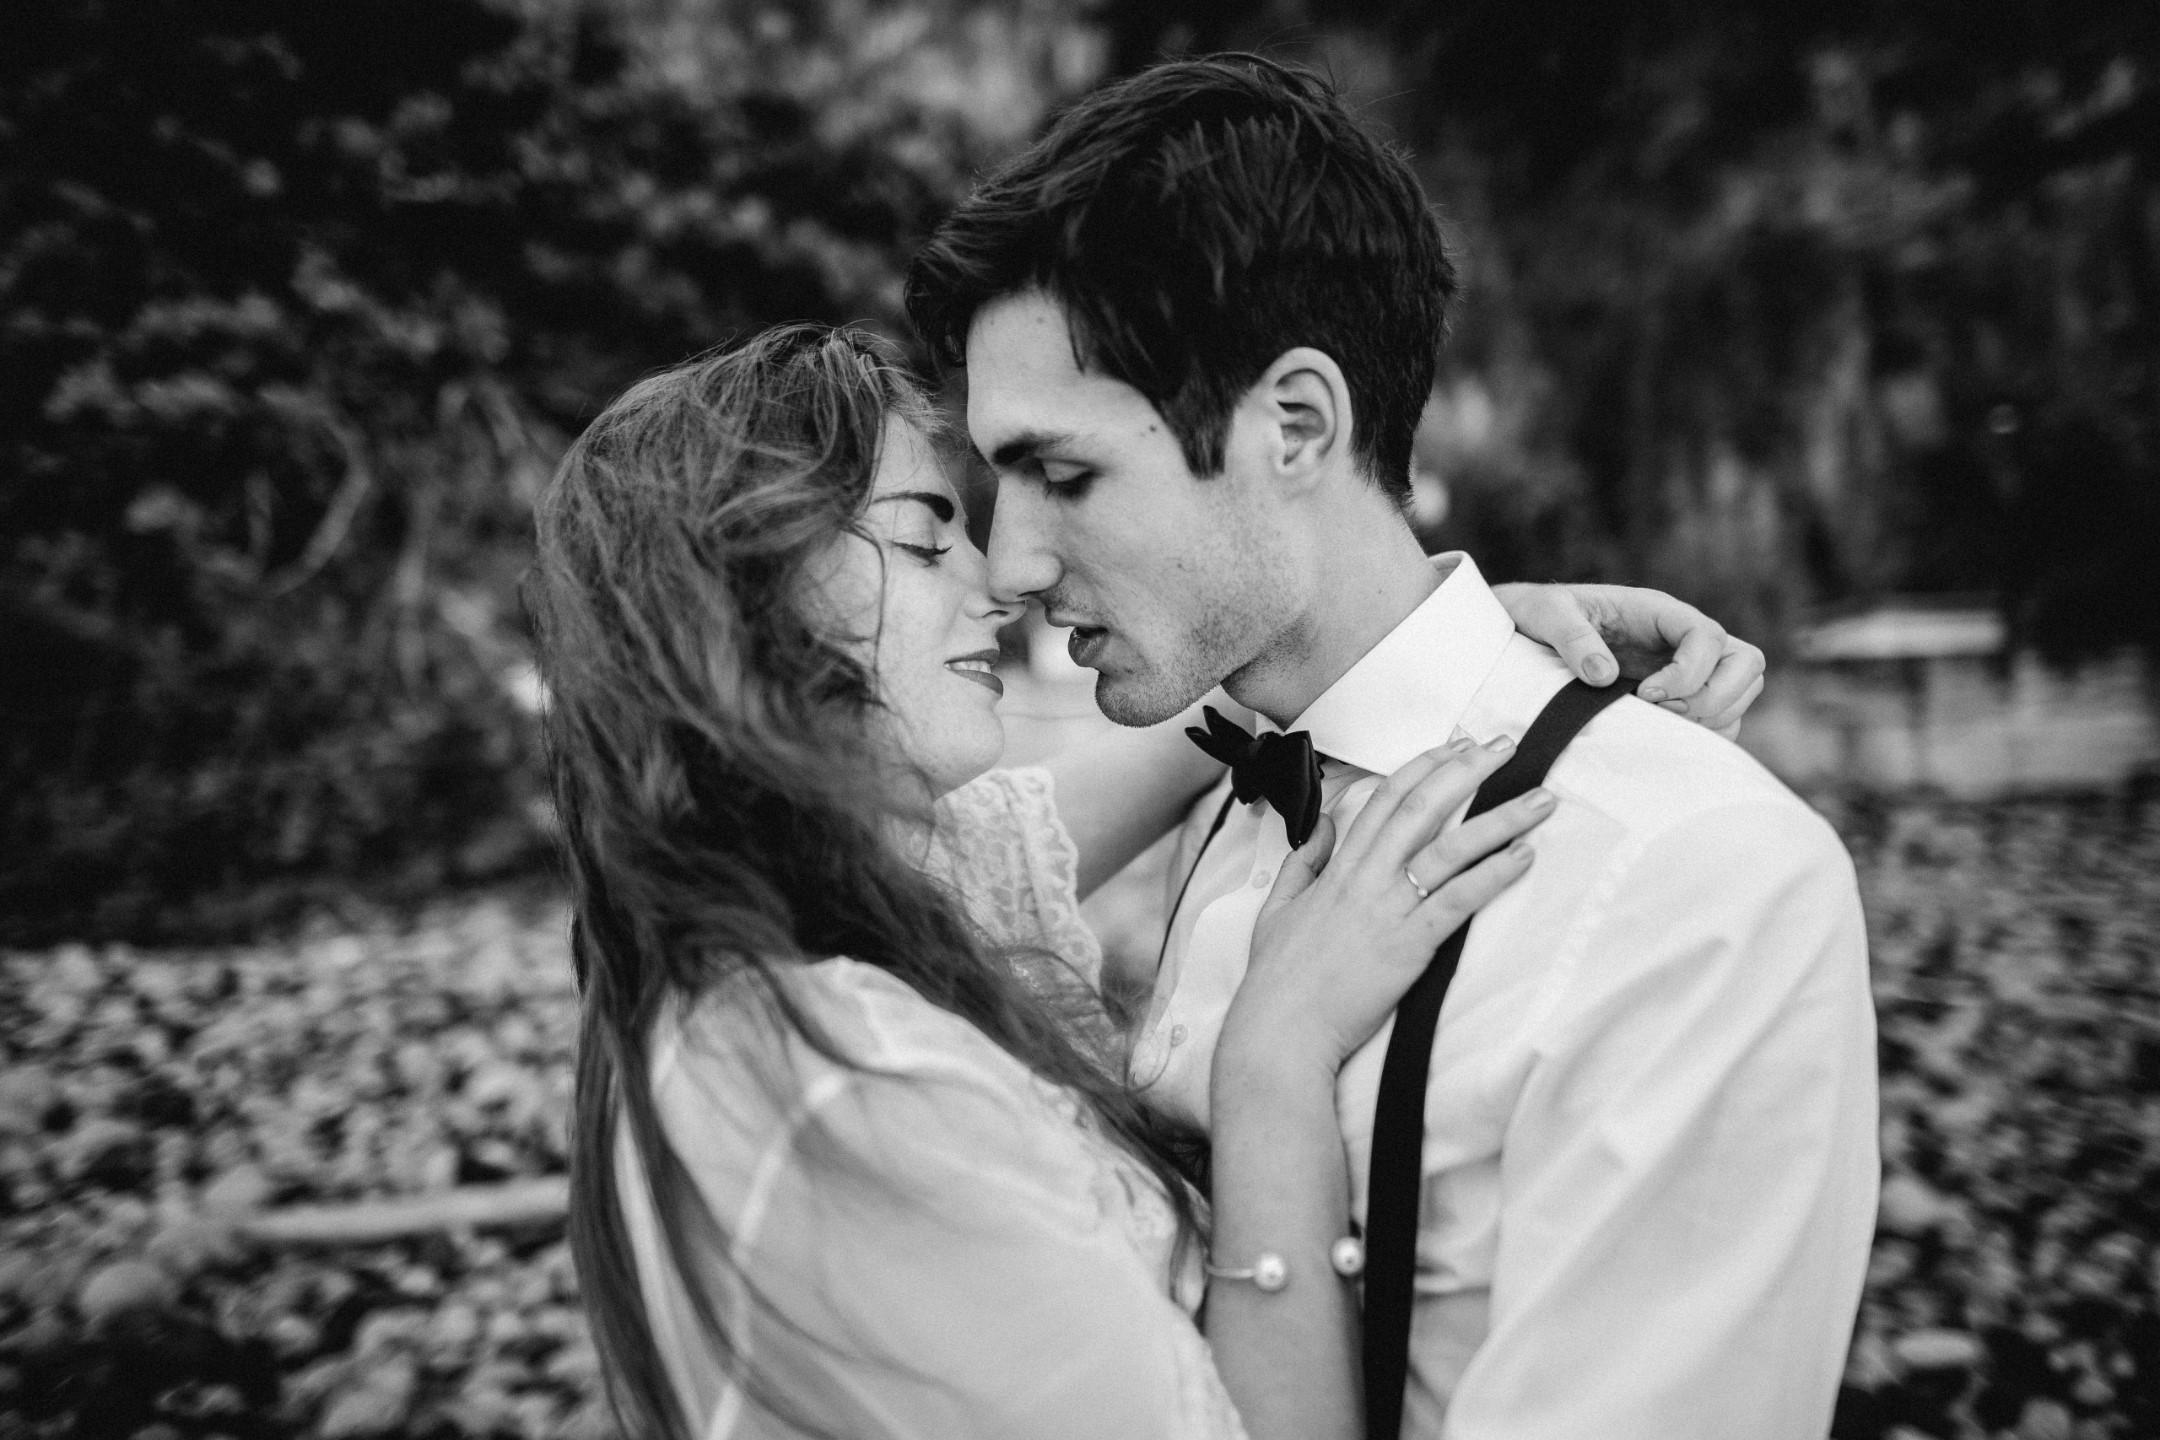 Aida + Tim | Hochzeitsfotografen am Bodensee Für unsere Brautpaare  - Hochzeitsfotografie von Aida und Tim